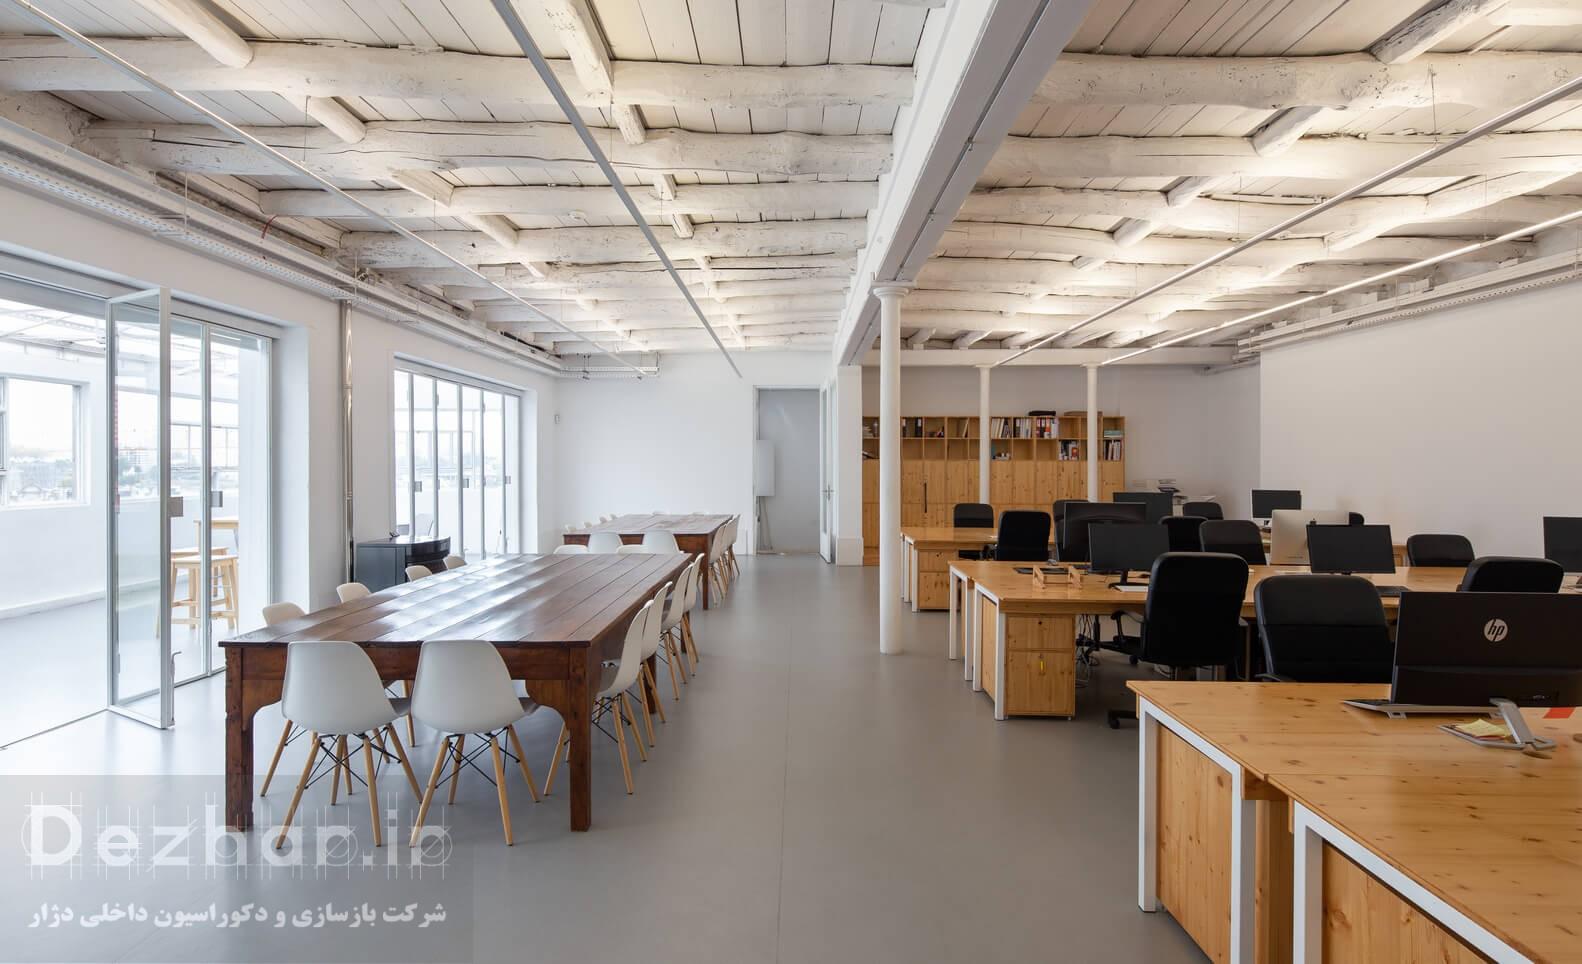 نوسازی محیط های مشترک ساختمان اداری